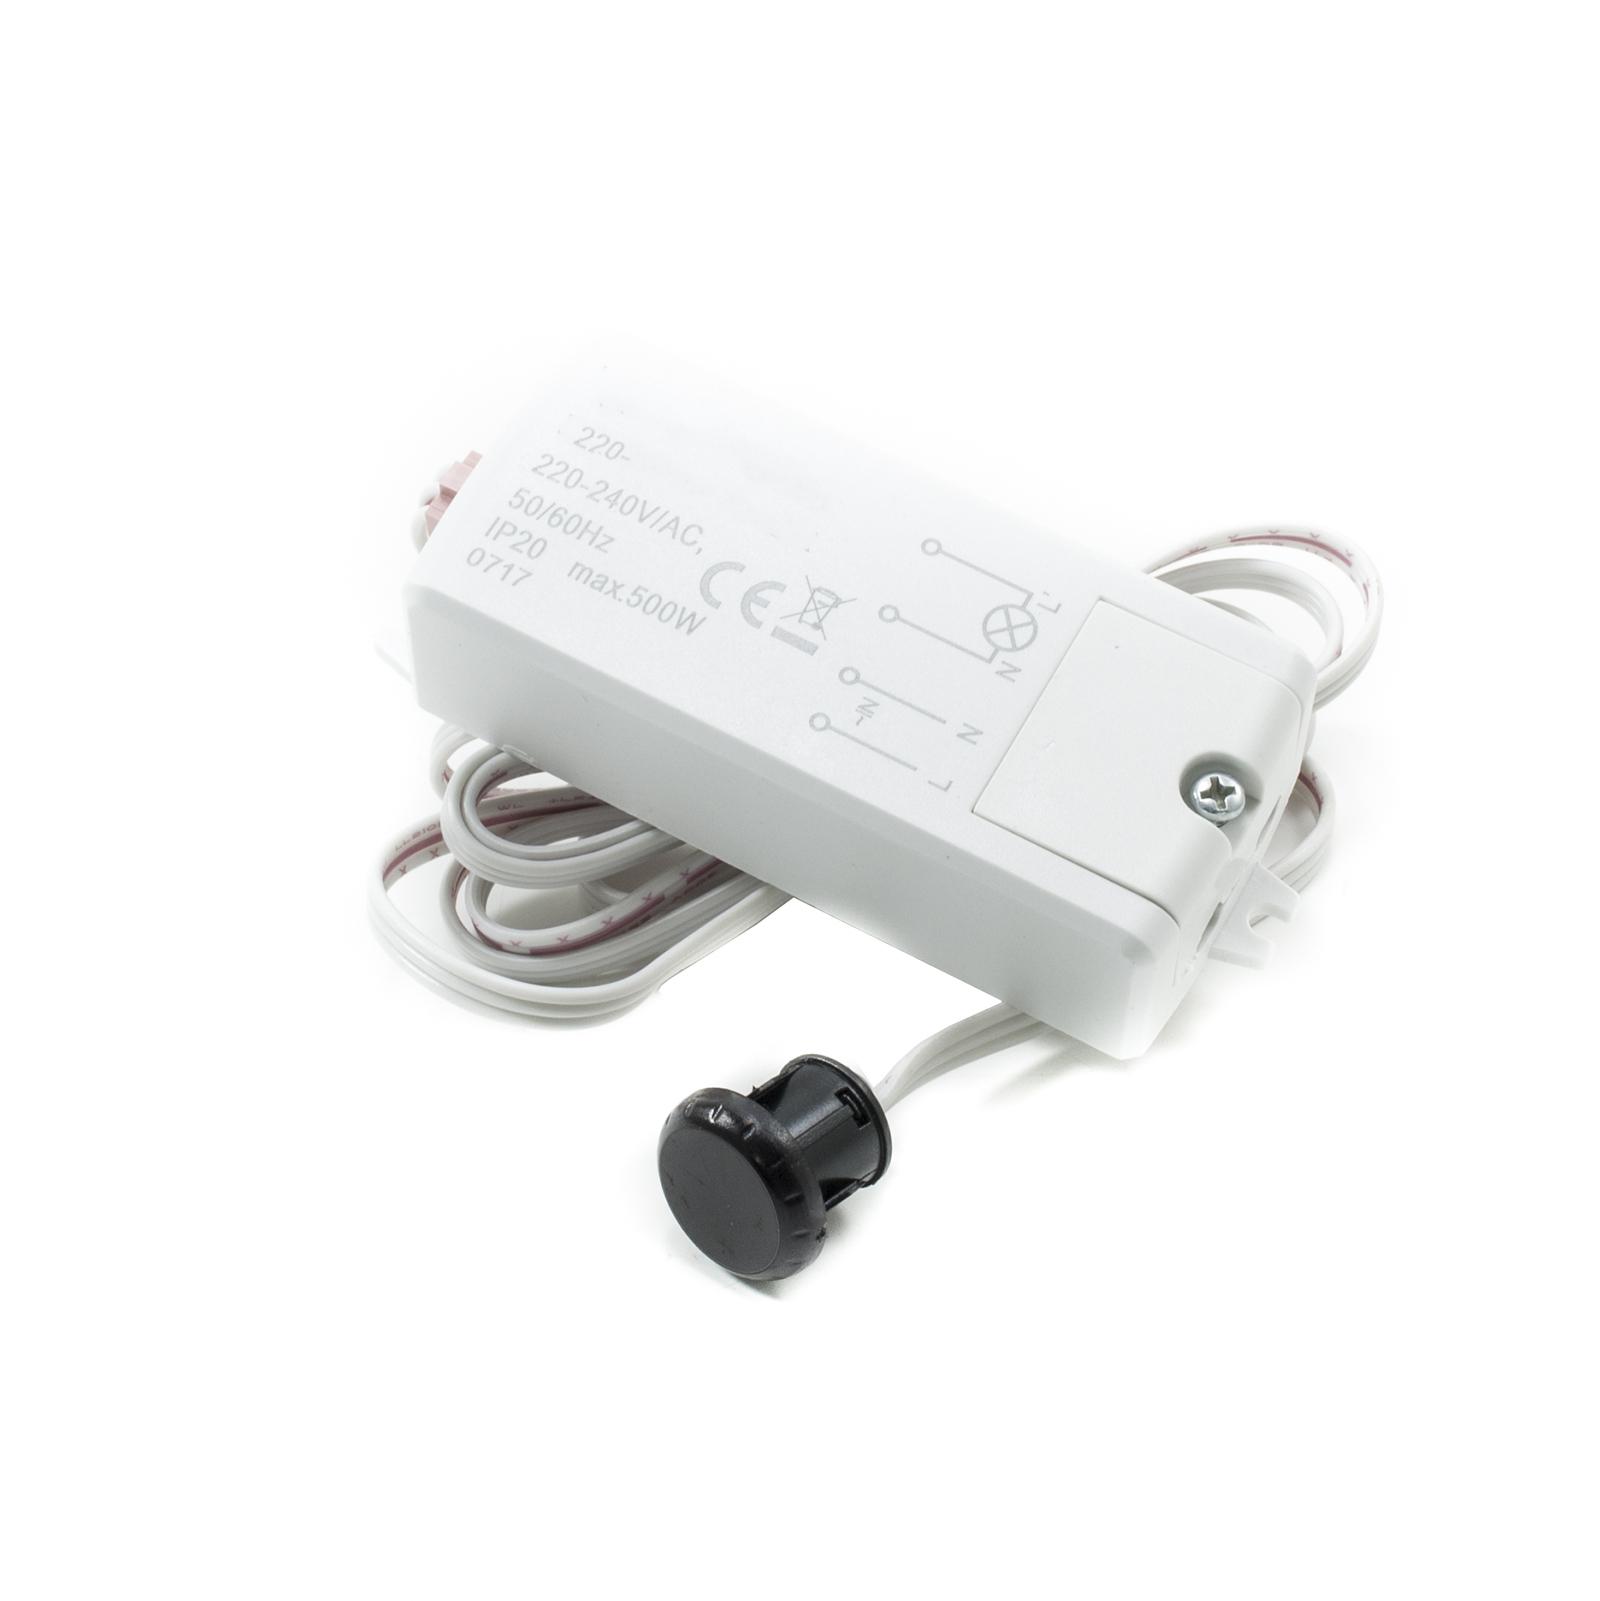 Sensore Per Accendere La Luce.Luci Led Con Sensore Di Movimento Prova Sito Interruttore